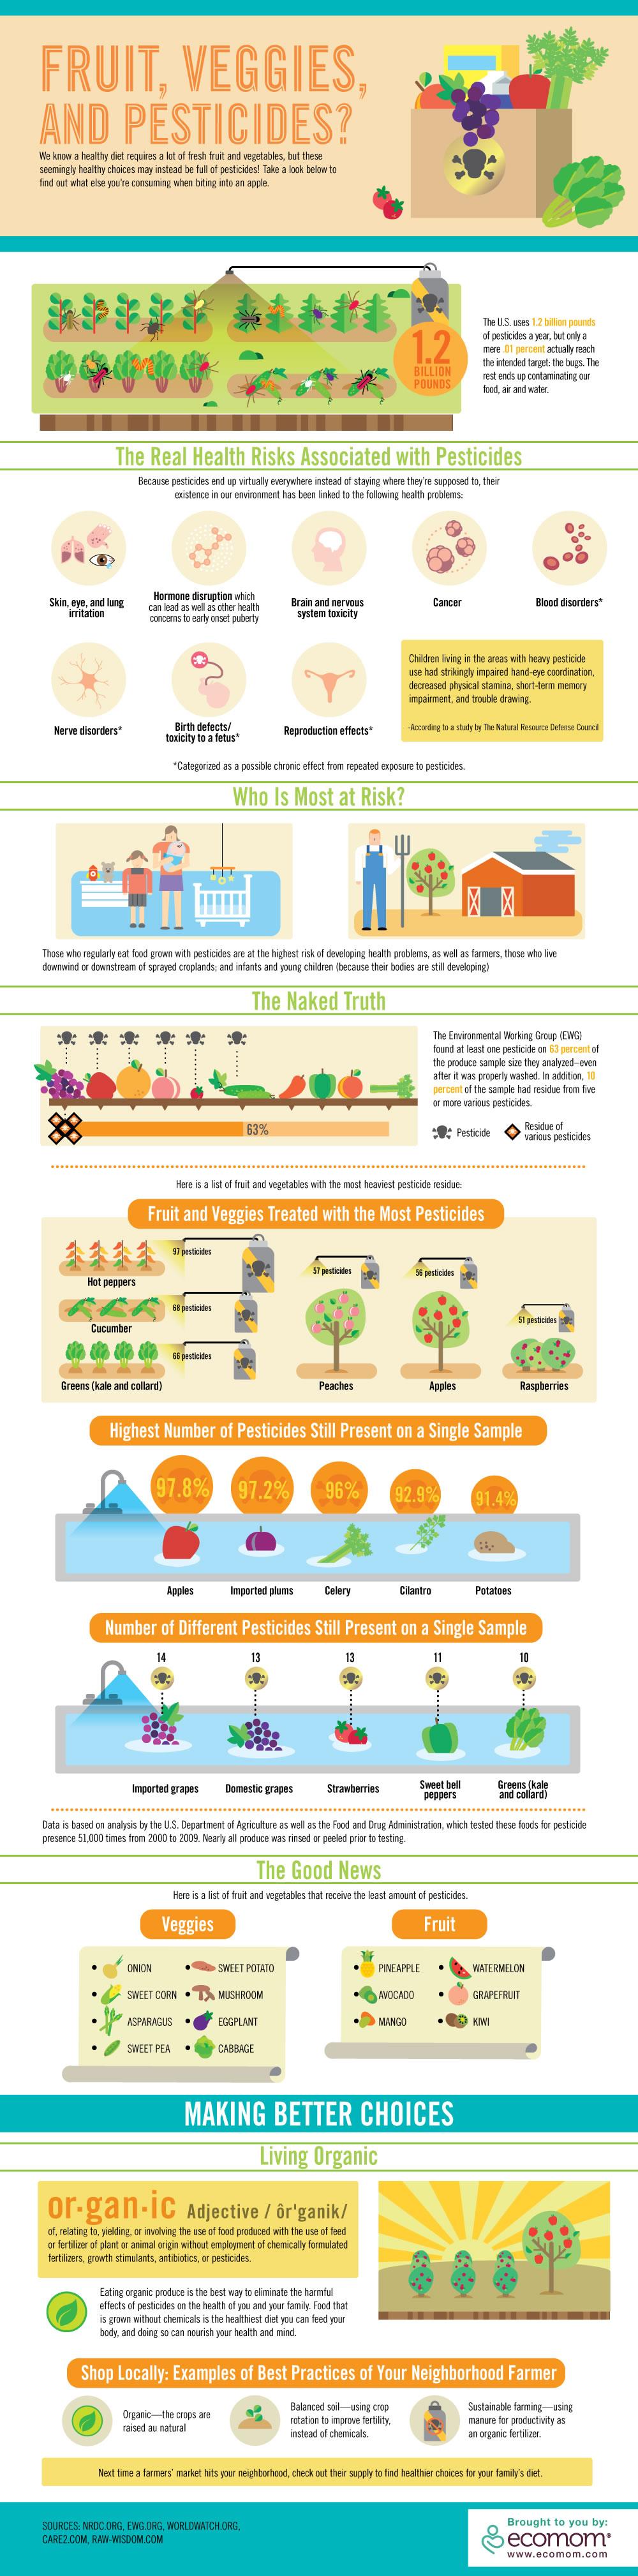 PesticideGraphic.JPG